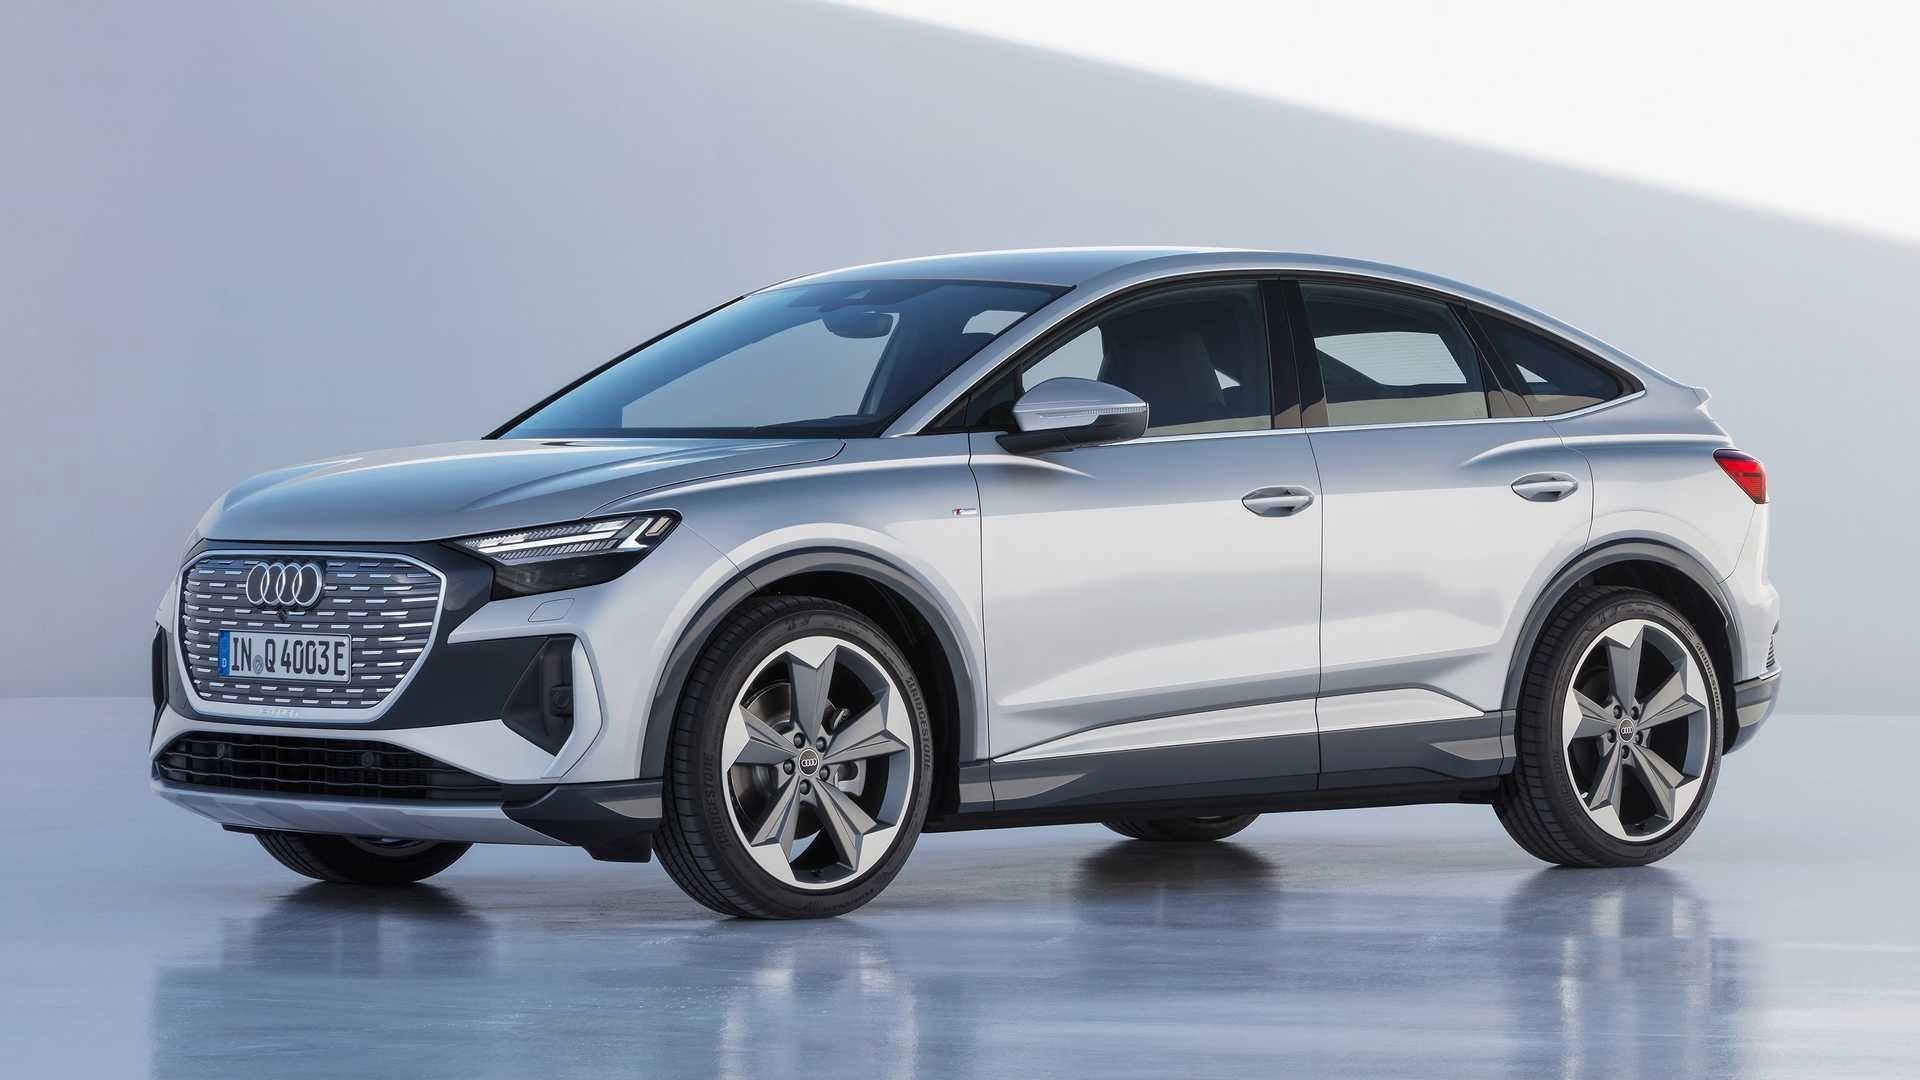 Компания «Ауди» представила Q4 e-tron, построенный на фольксвагеновской архитектуре МЕВ. Это премиальный аналог соплатформенных Skoda Enyaq iV и Volkswagen ID.4, при этом «Ауди» первая продемонстрировала версию в кузове кросс-купе, тогда как «Шкода» и «Фольксваген» покажут такой вариант позднее.